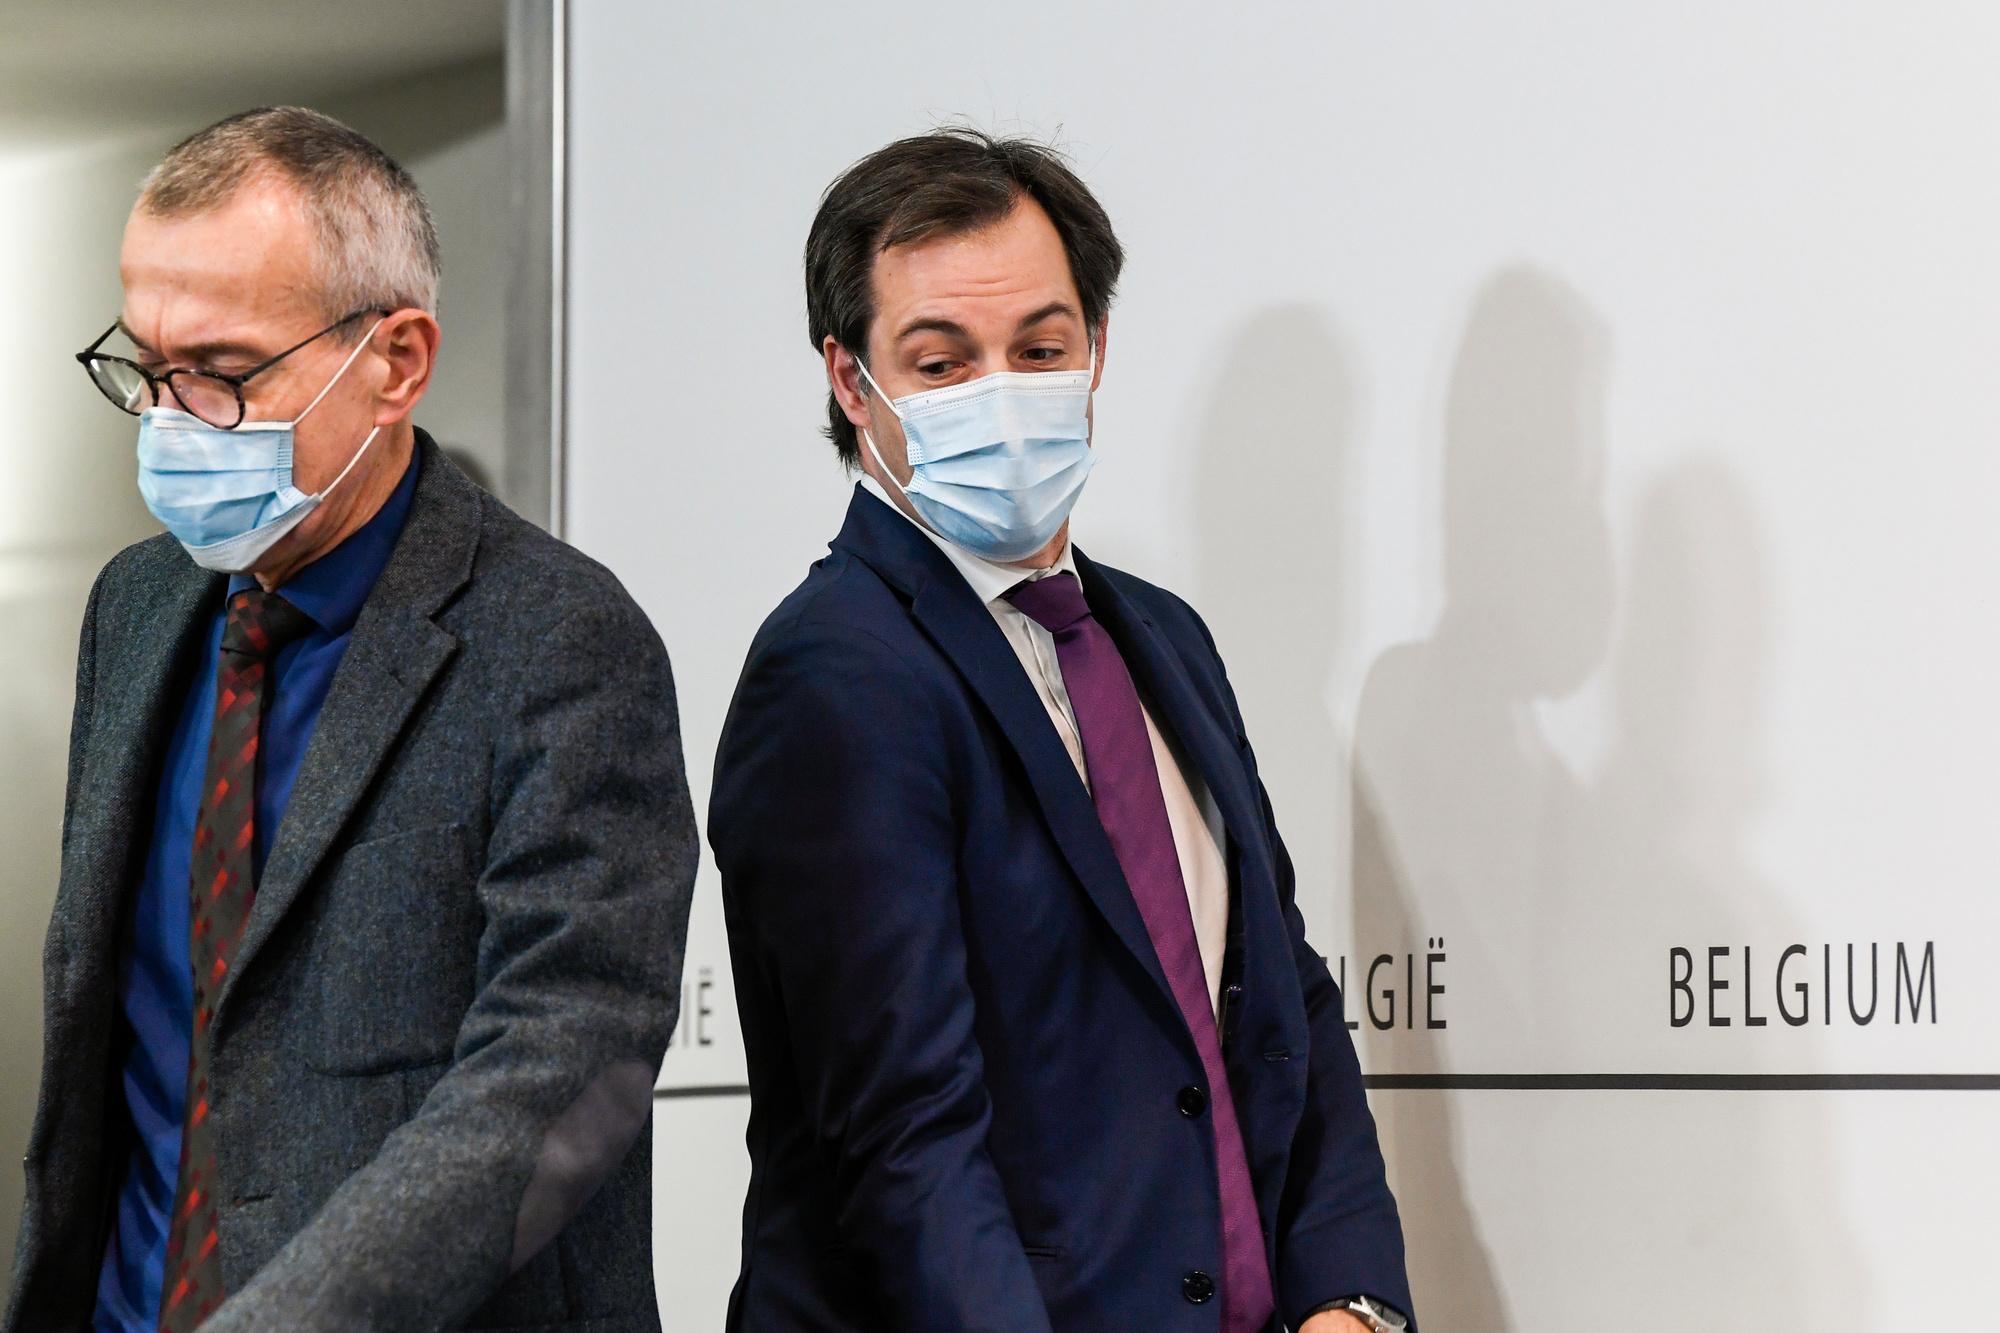 Frank Vandenbroucke et Alexander De Croo, belga